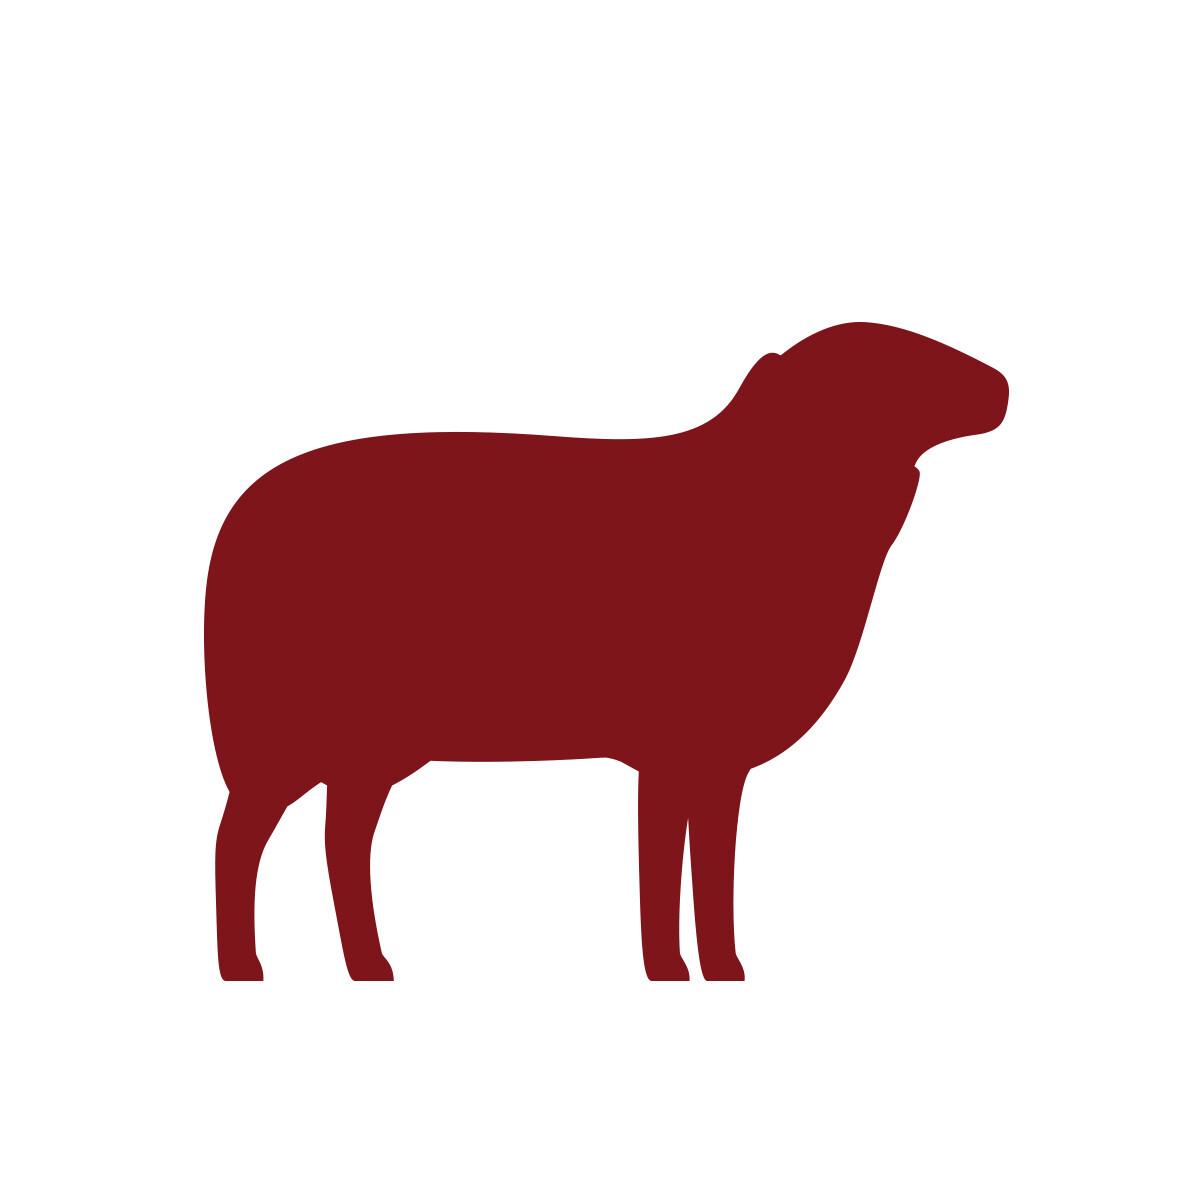 Filet d'agneau import (100gr)